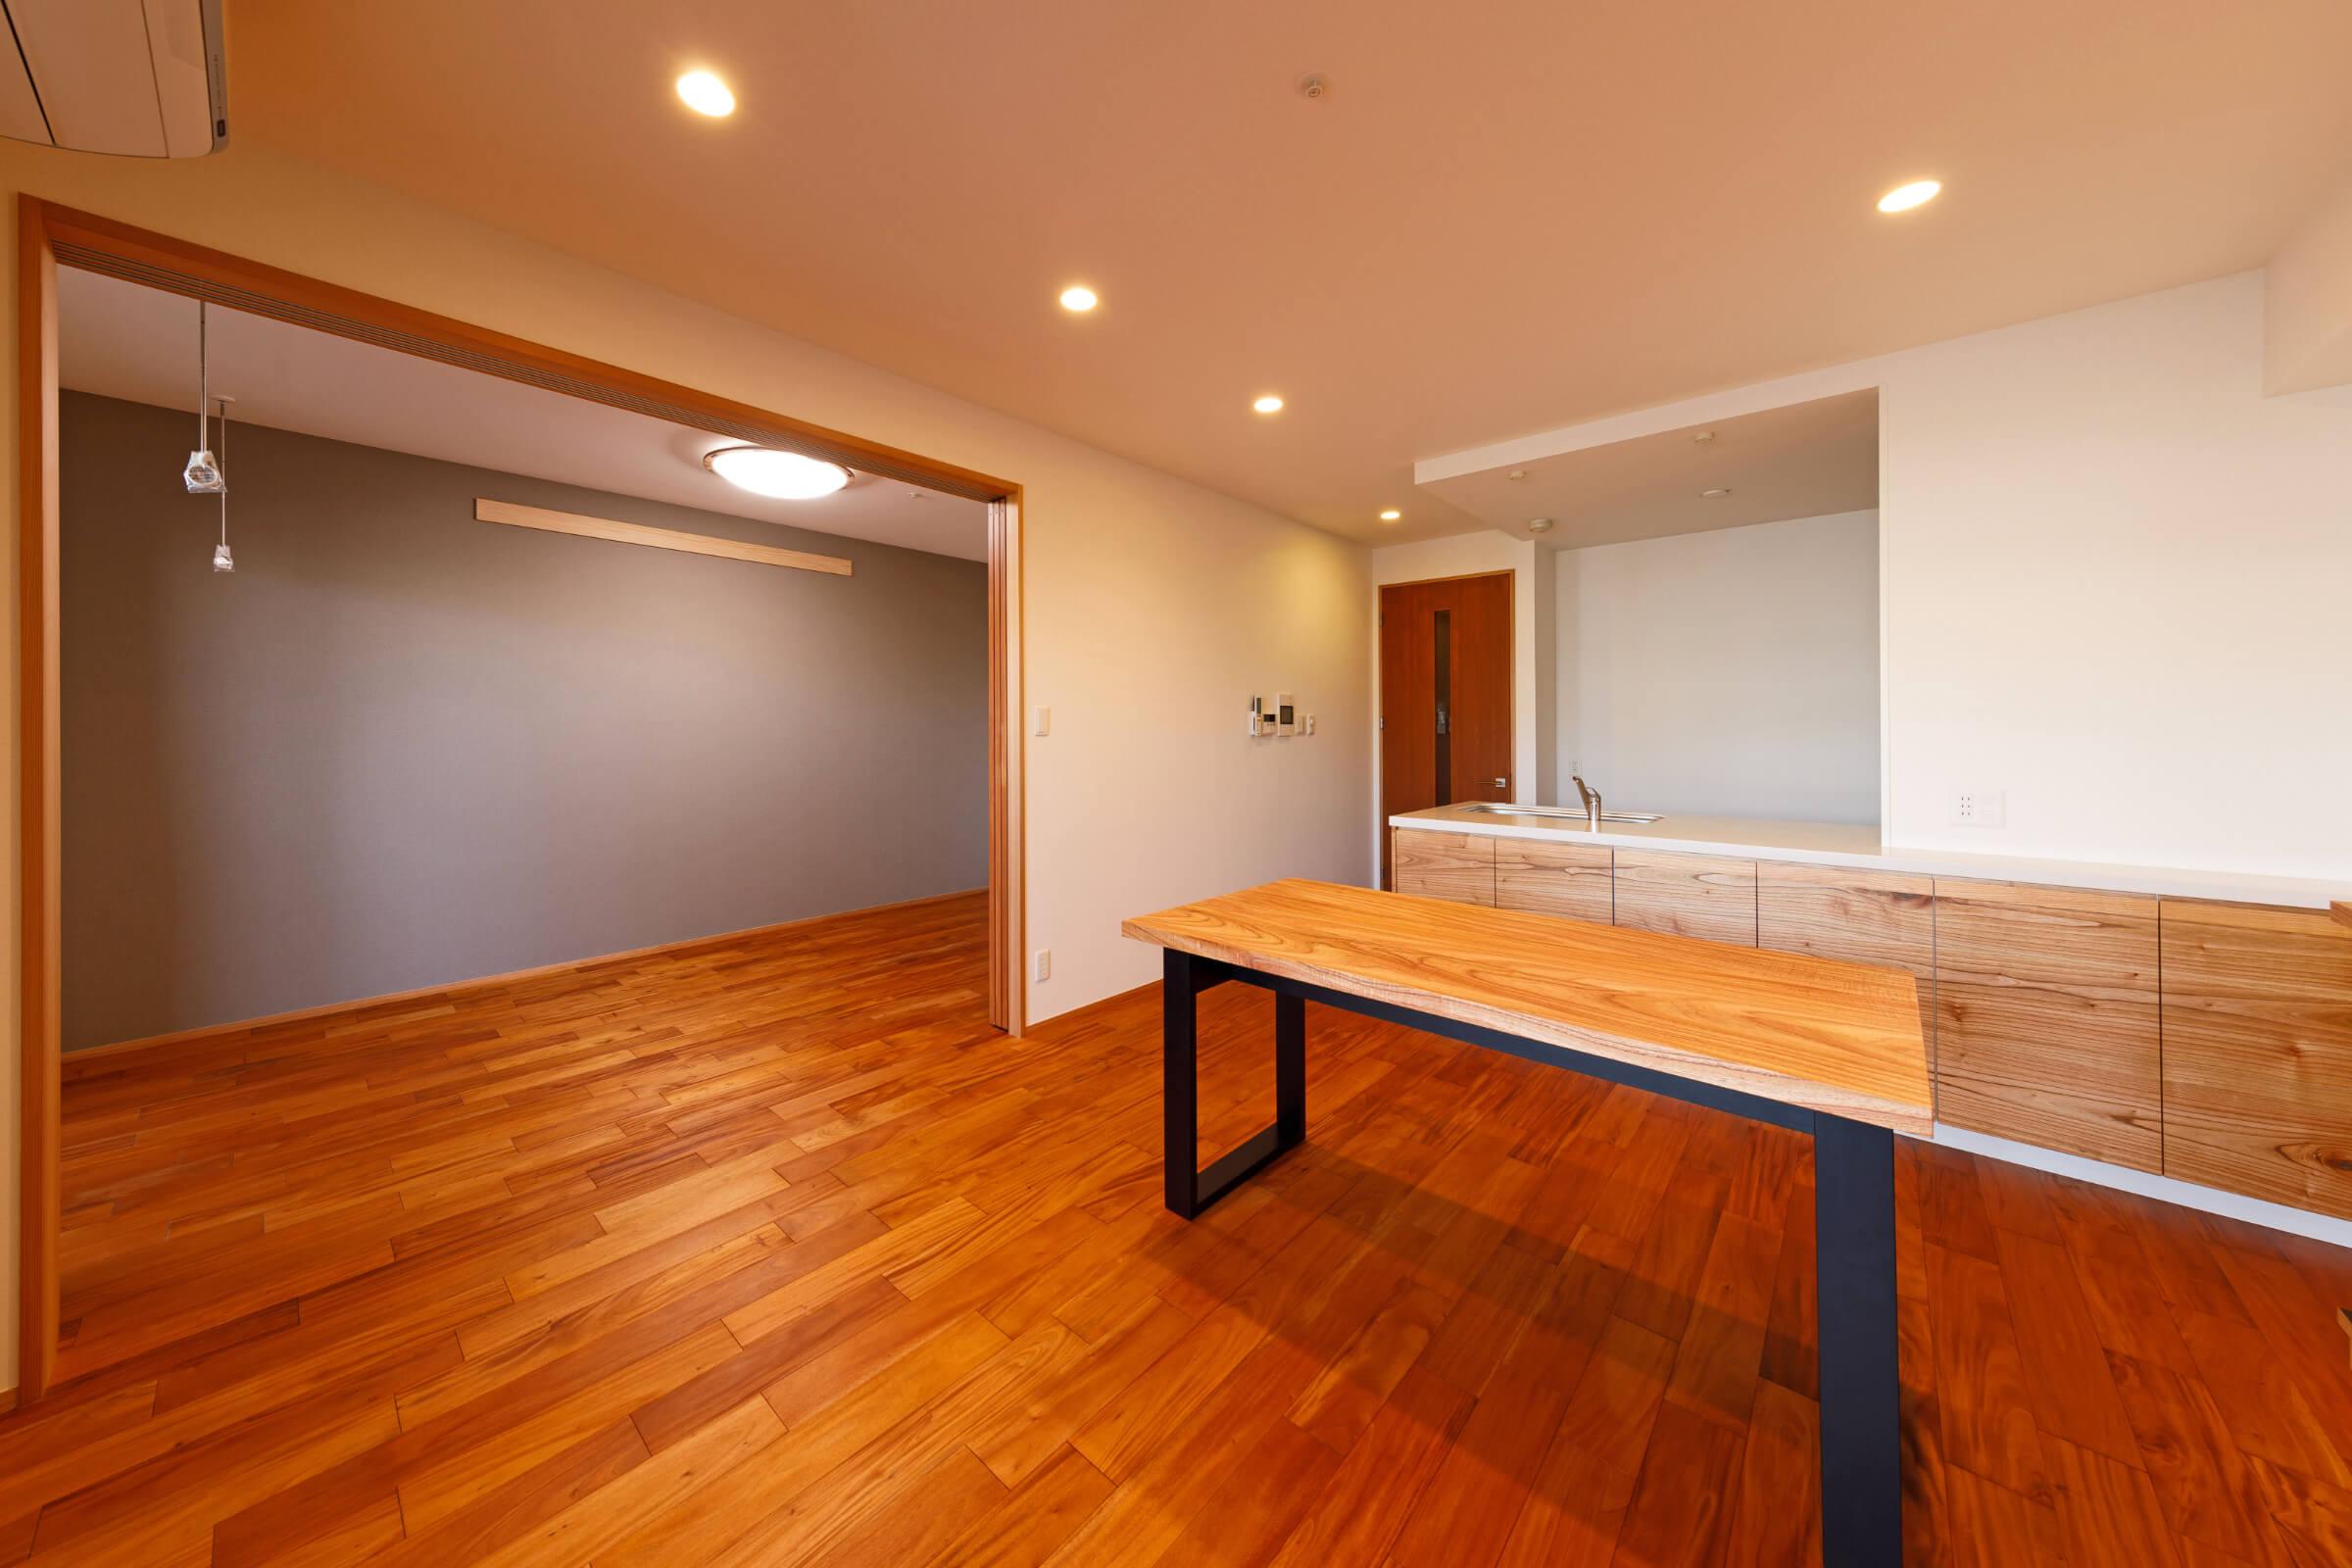 センダンのキッチンと家具/照栄建設株式会社ドゥープ事業部